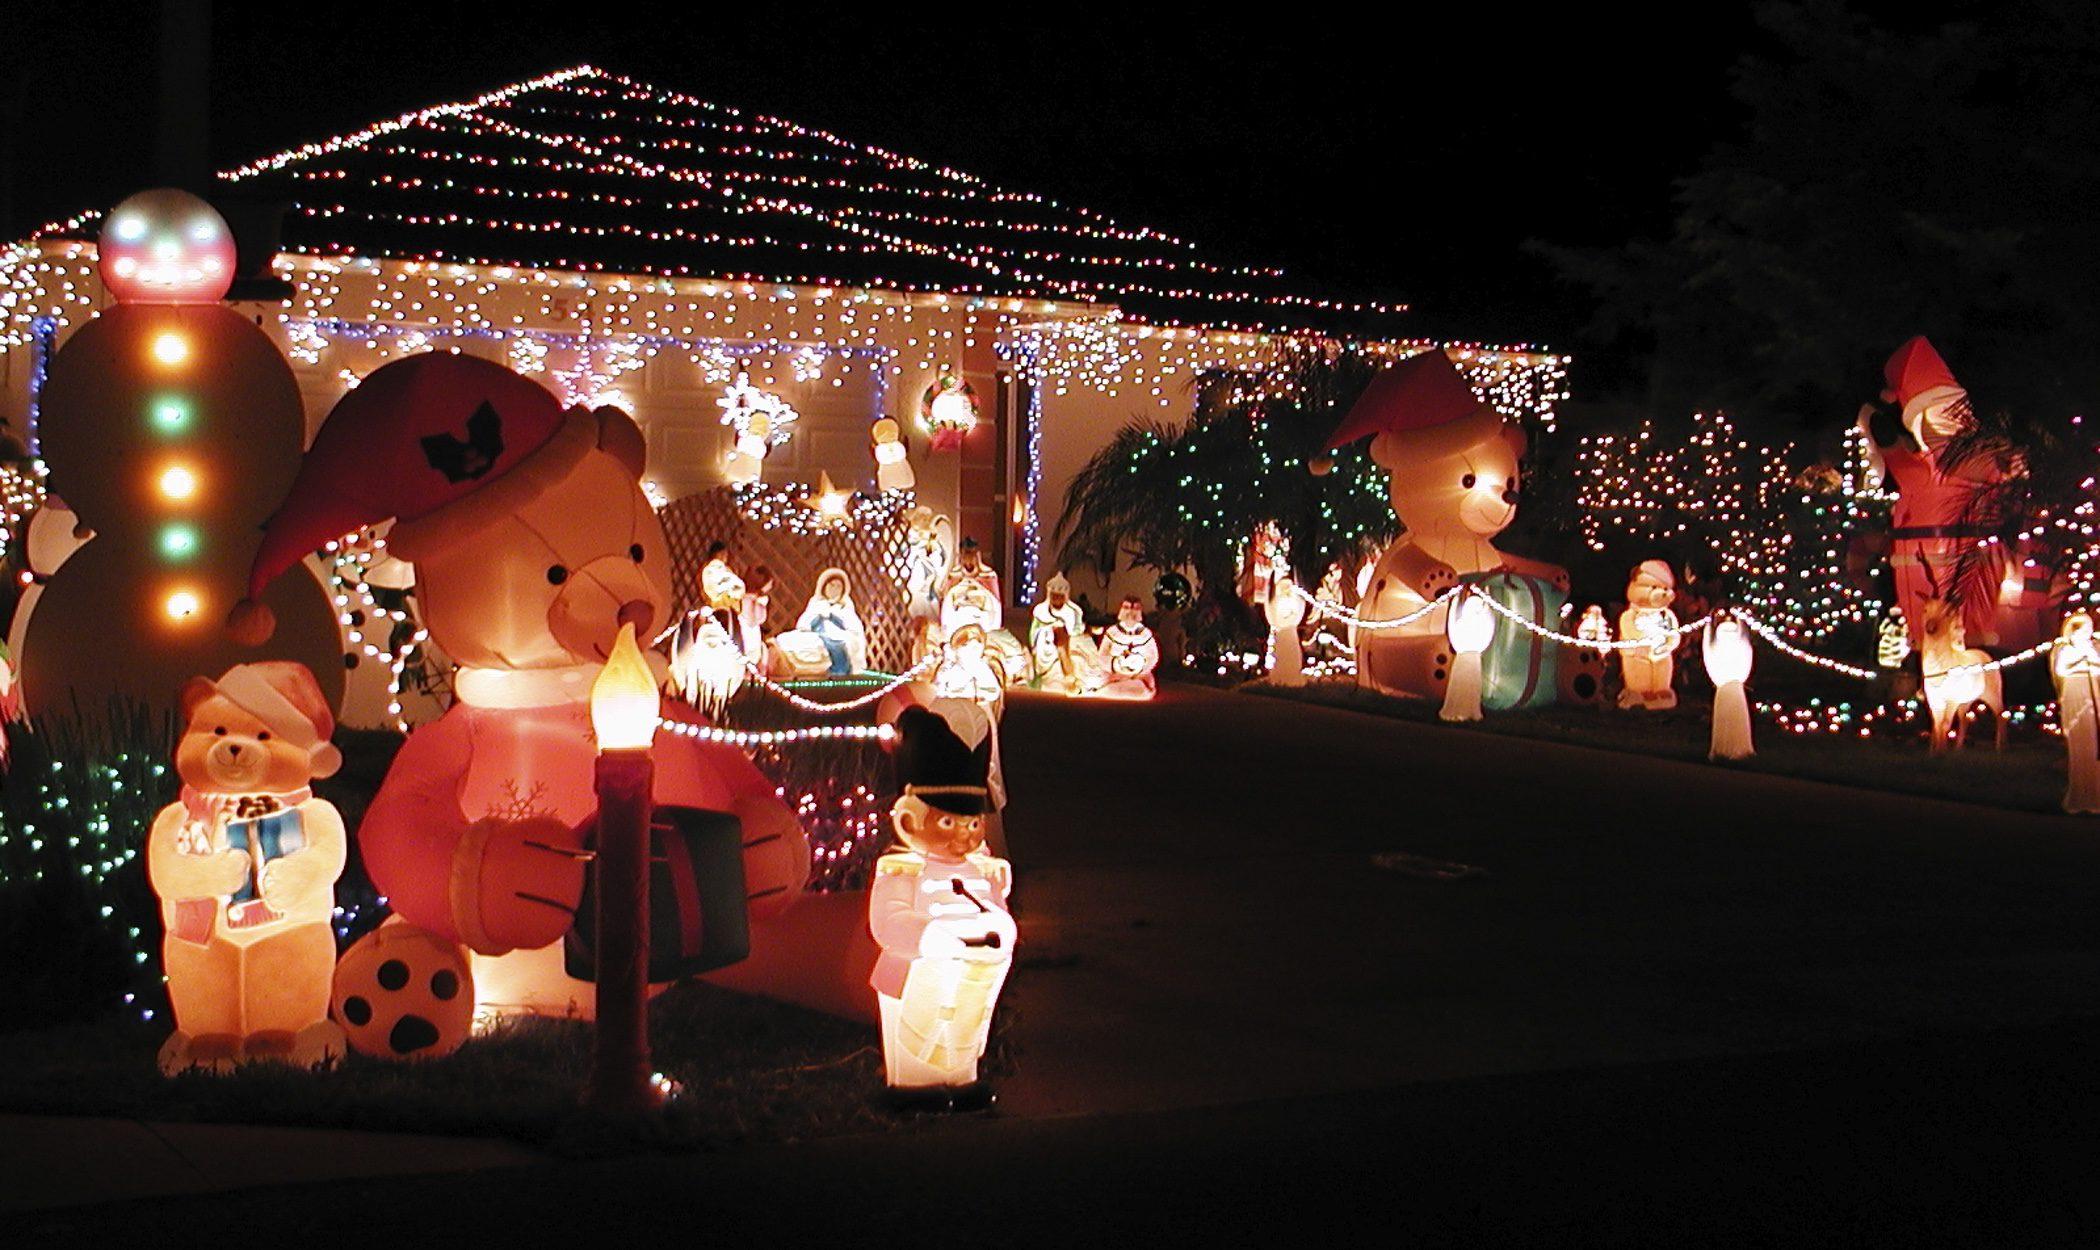 Cómo decorar el exterior de tu casa en Navidad